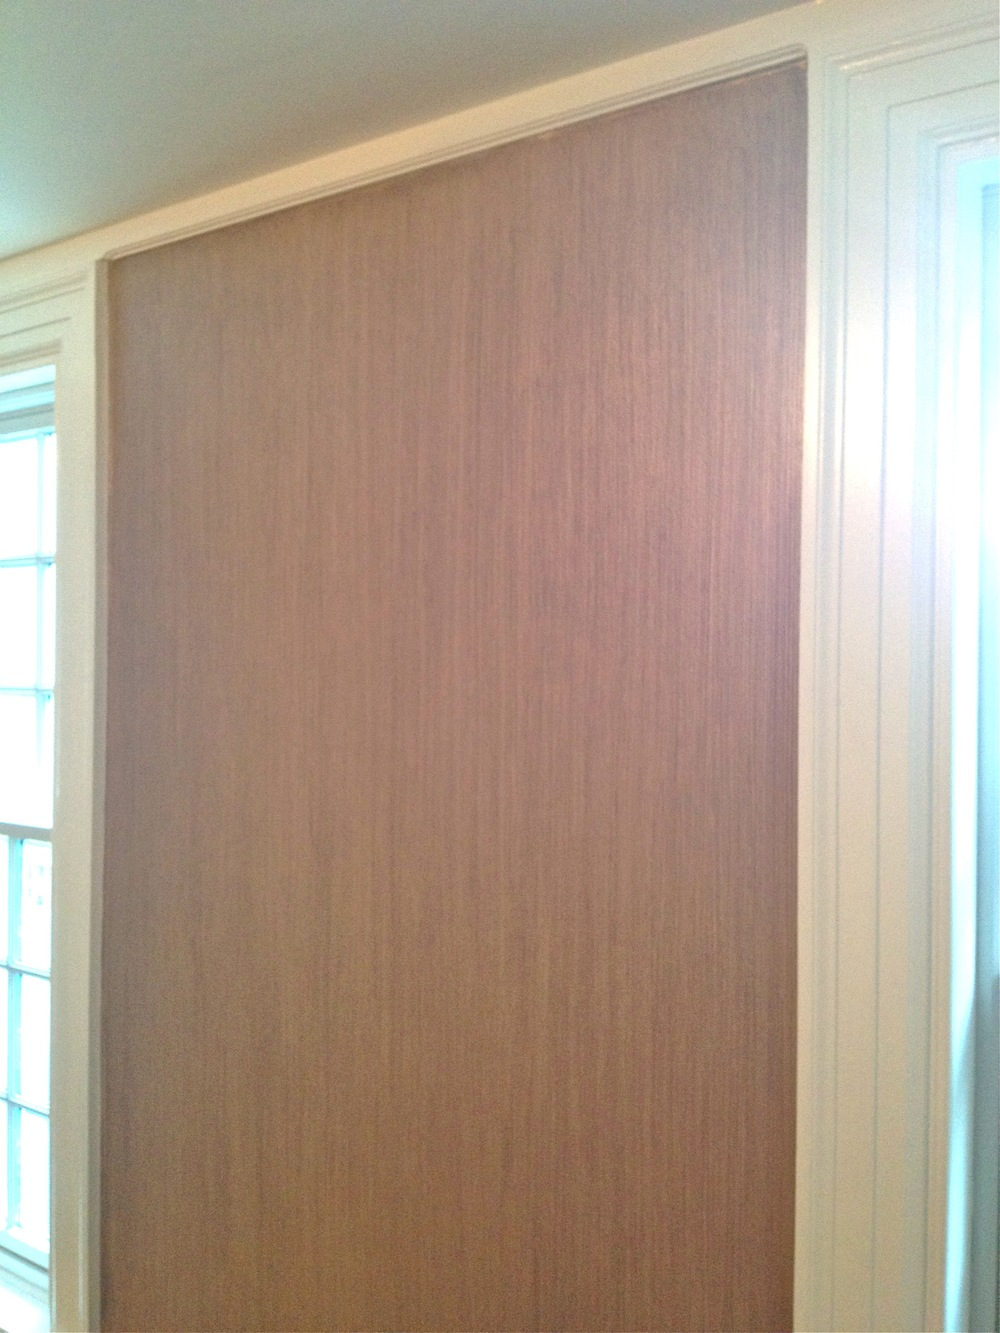 Study- wall finish detail